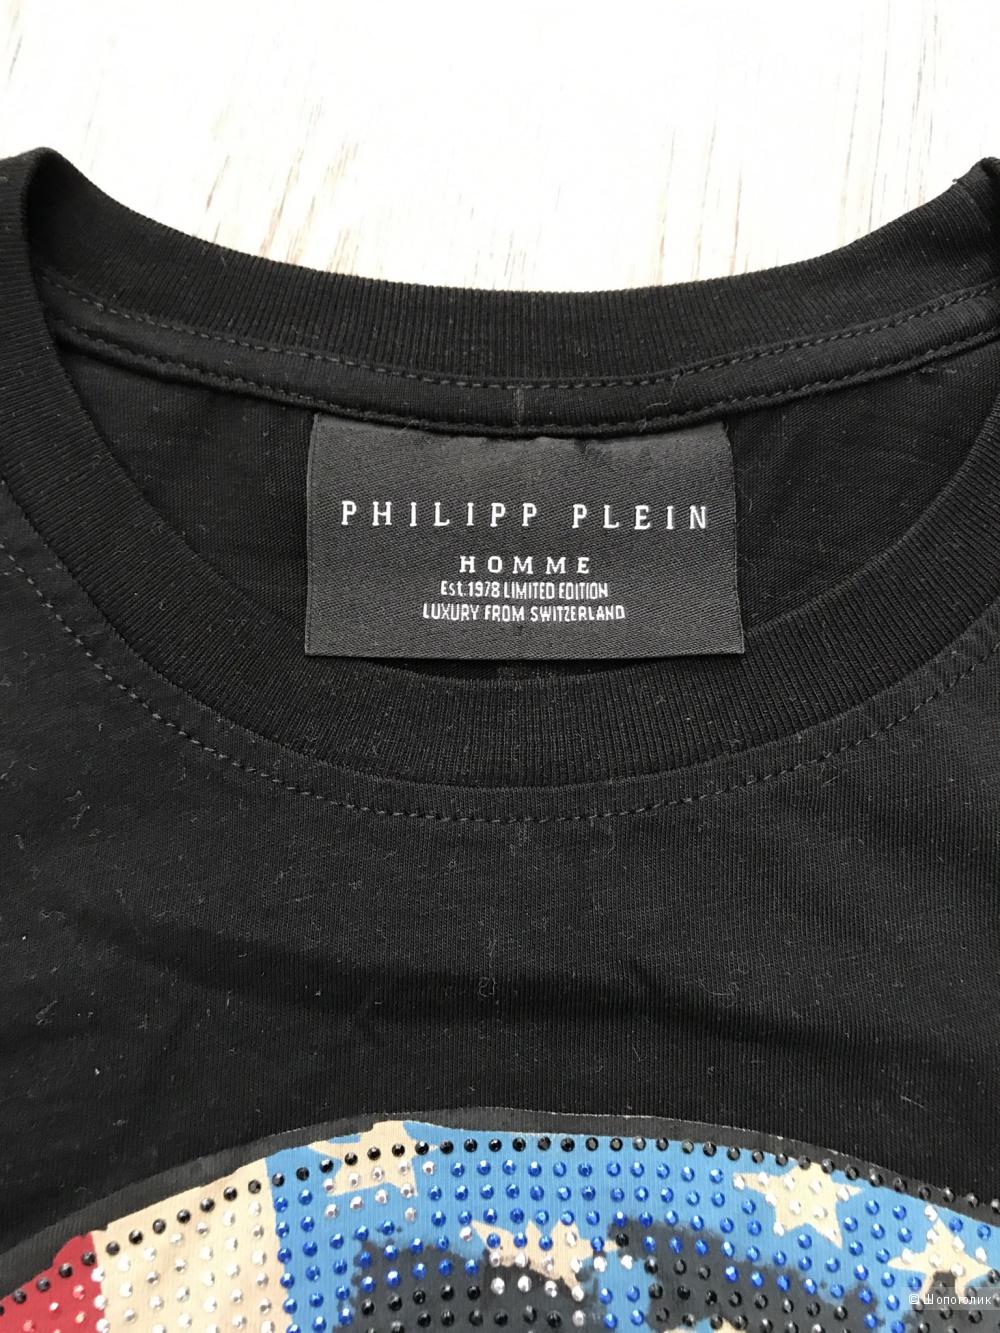 Футболка мужская Philipp Plein, размер М — L.